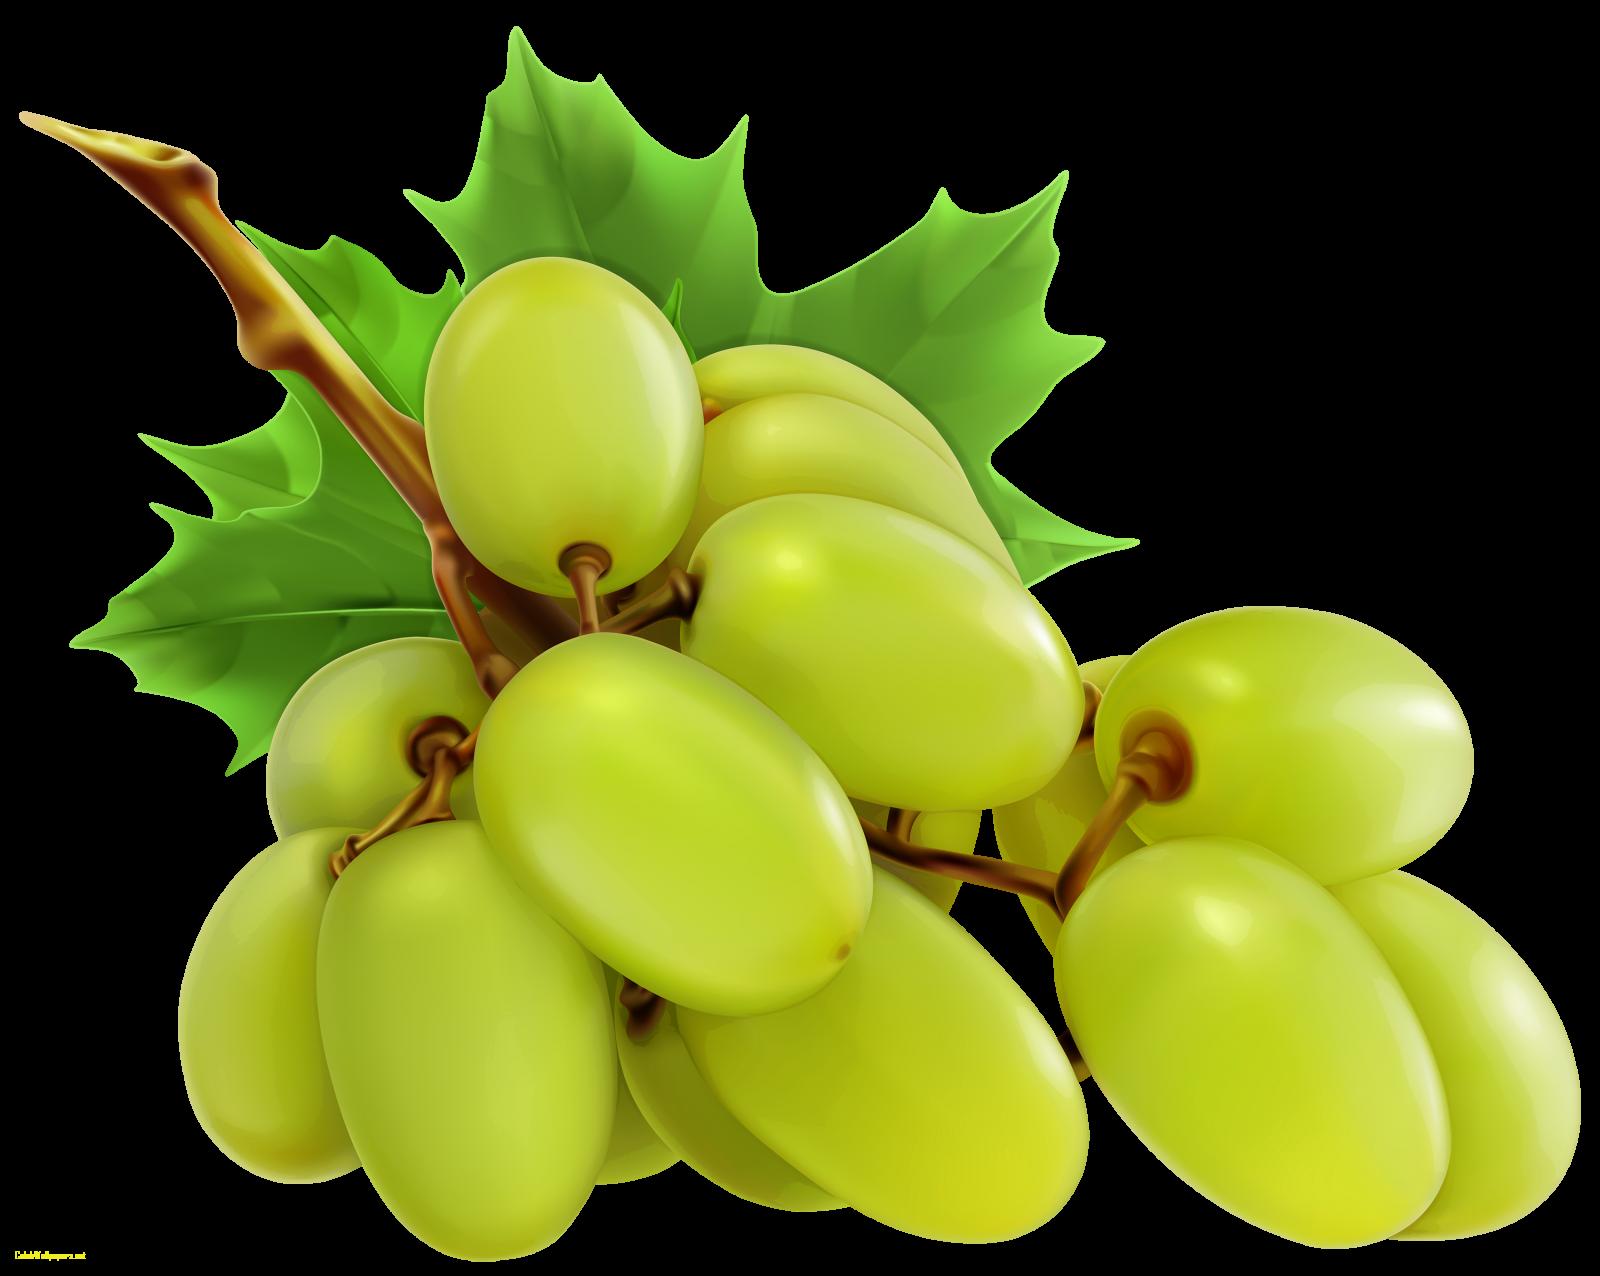 Grape clipart plum fruit. Grapes images queen fruits